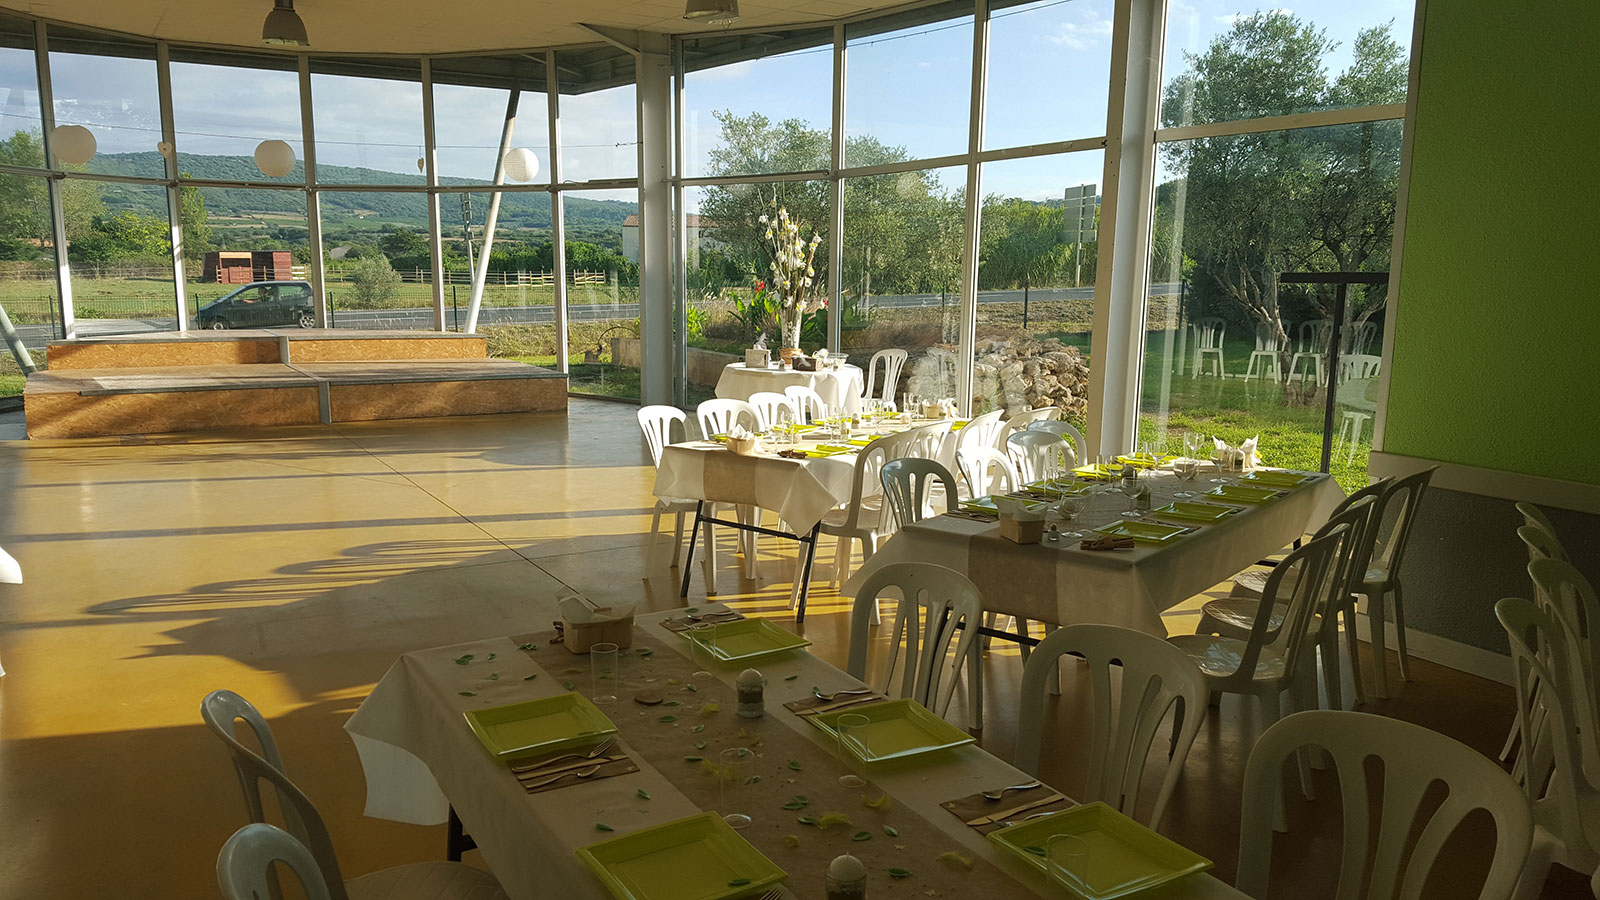 Location De Salle De Reception Pres De Montpellier La Nouba